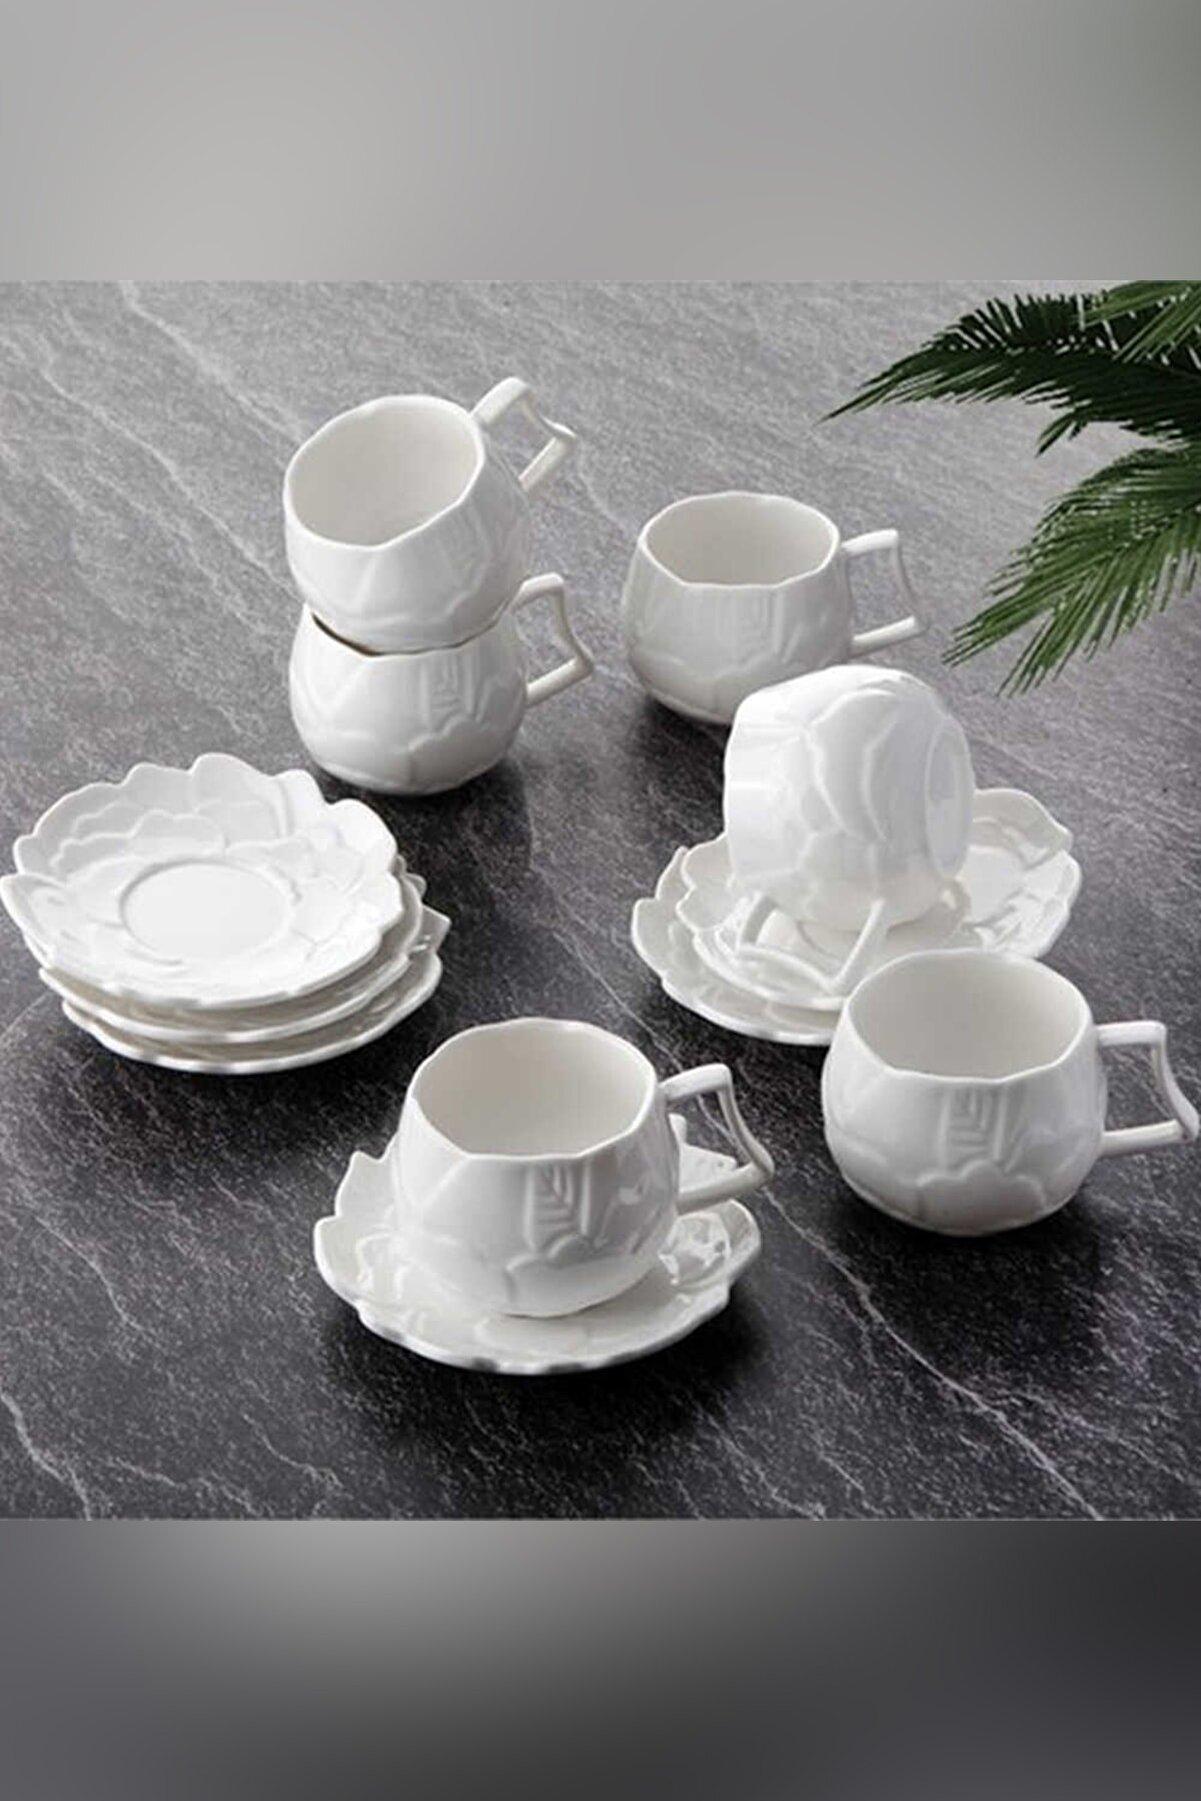 Tohana Flower Porselen Türk Kahve Fincan Takımı Thn-10608